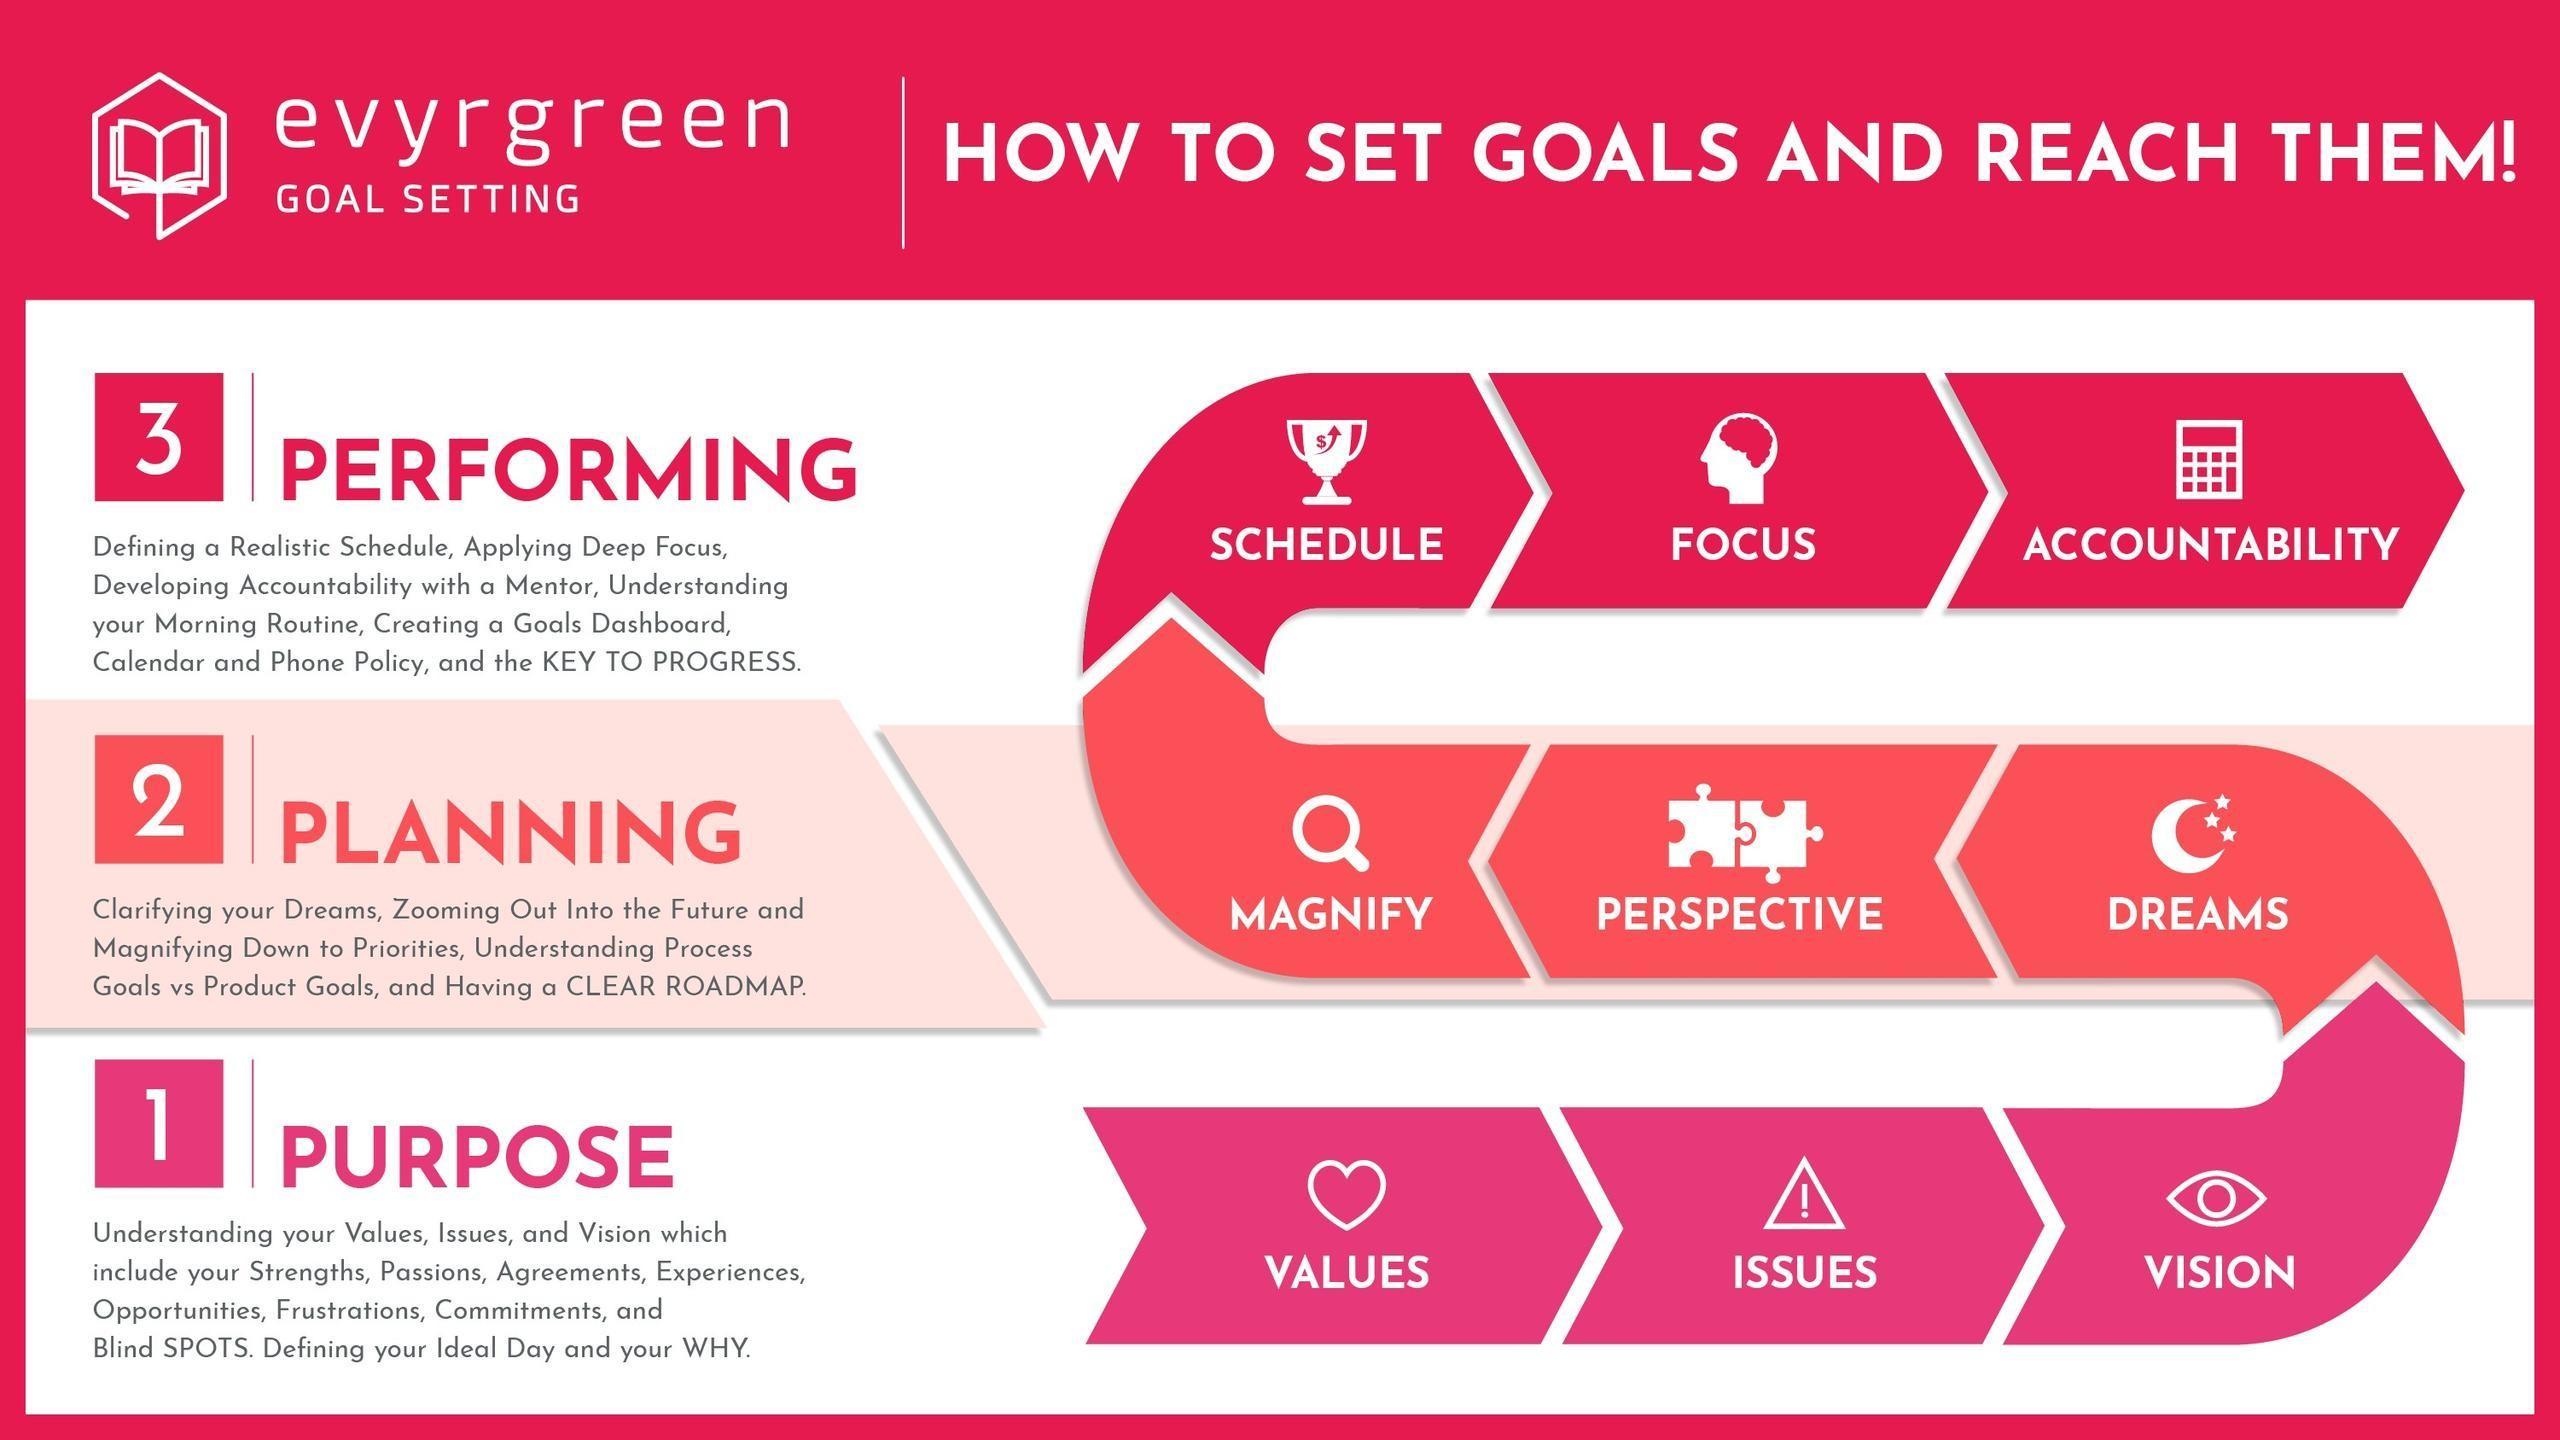 Evyrgreen Goal Setting